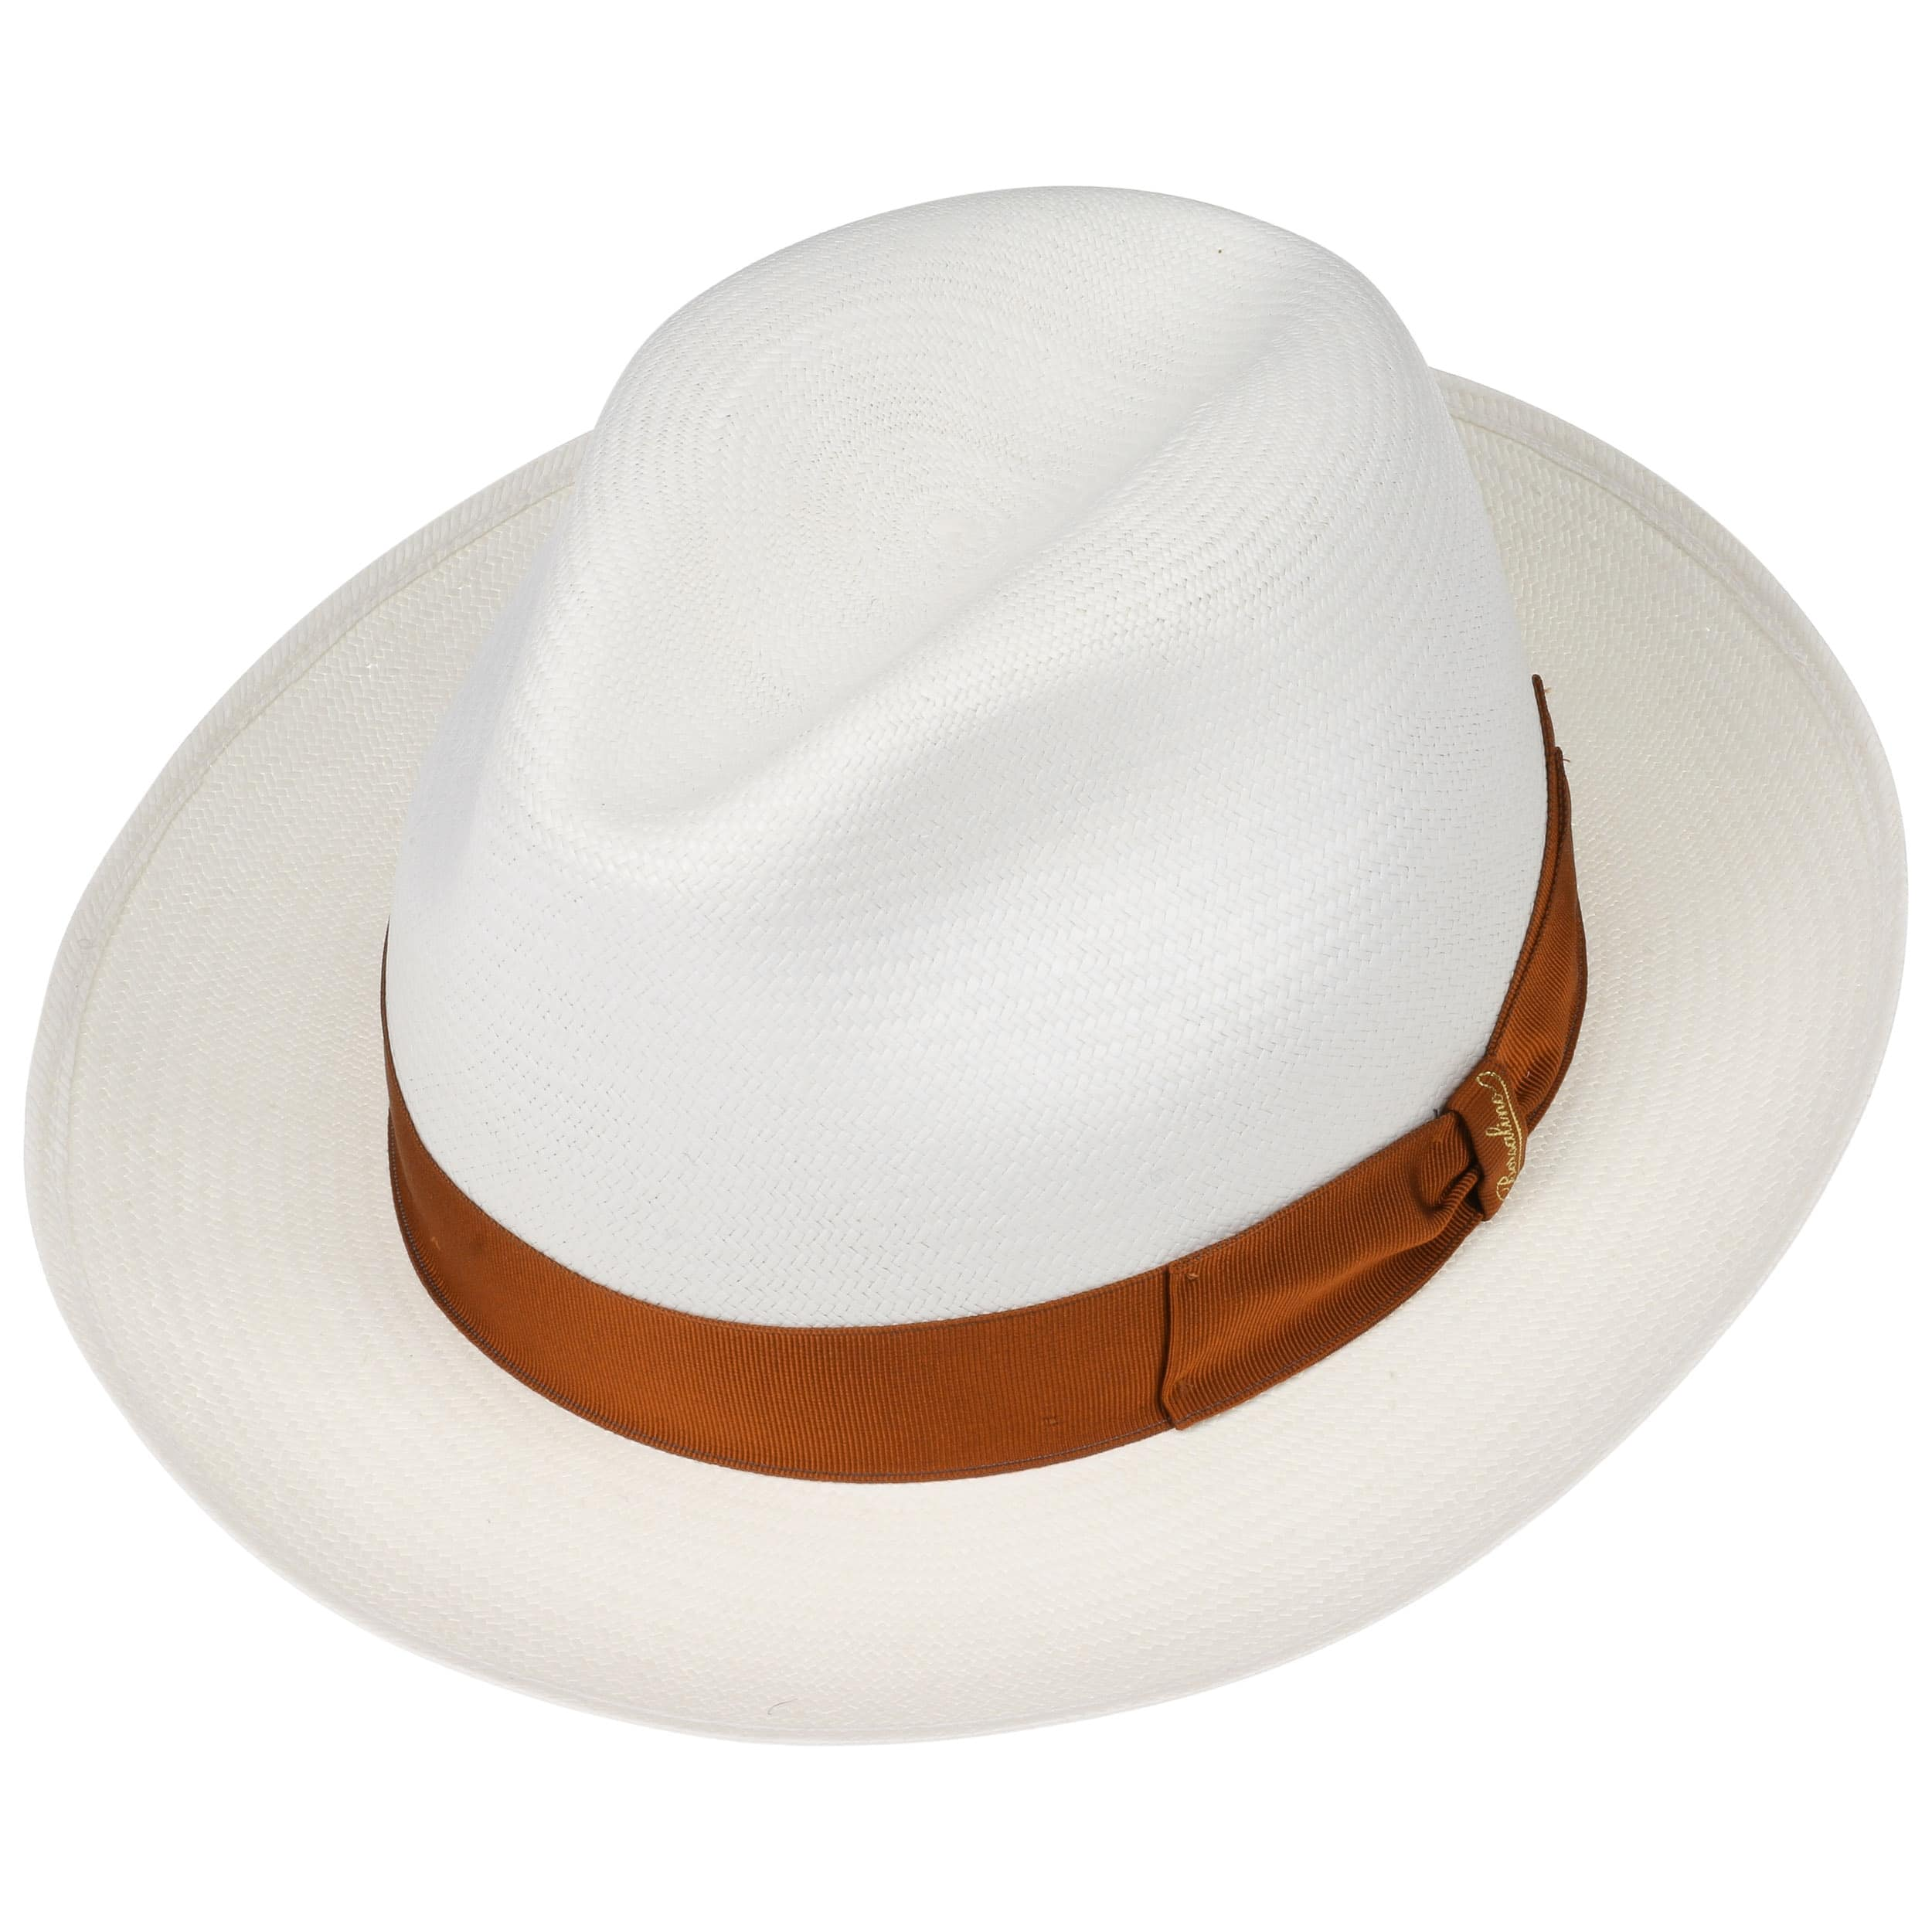 Sombrero Panamá Brown Small by Borsalino - Sombreros - sombreroshop.es b8e49aa4ad0